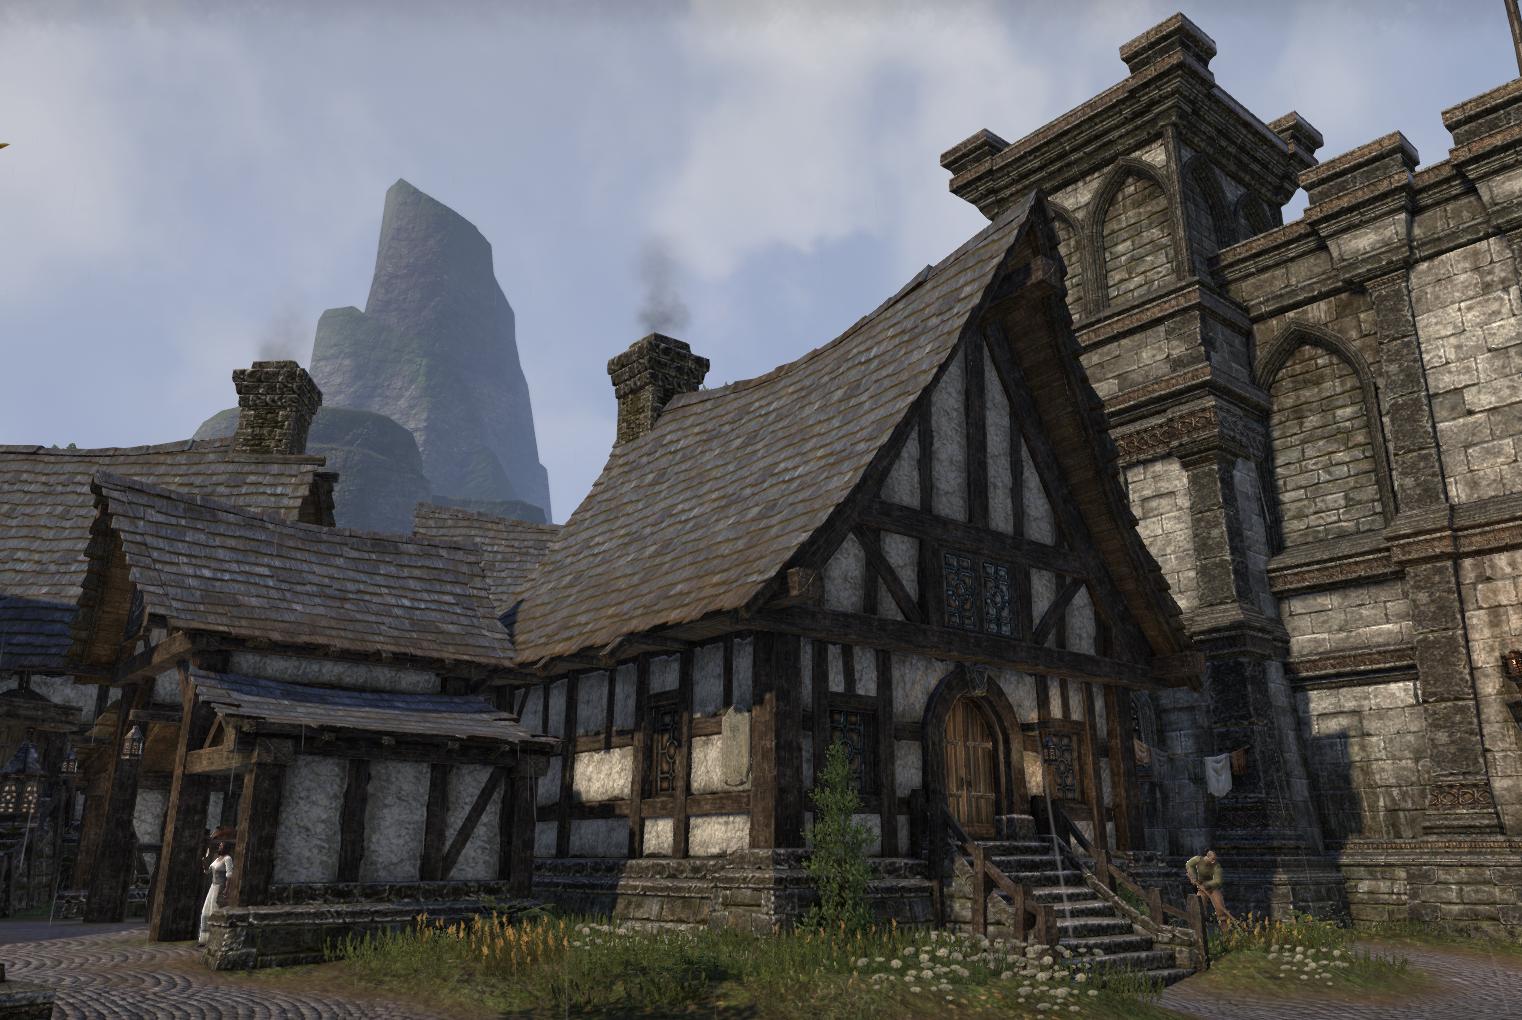 Breton architecture as it is seen in The Elder Scrolls OnlineBreton Elder Scrolls